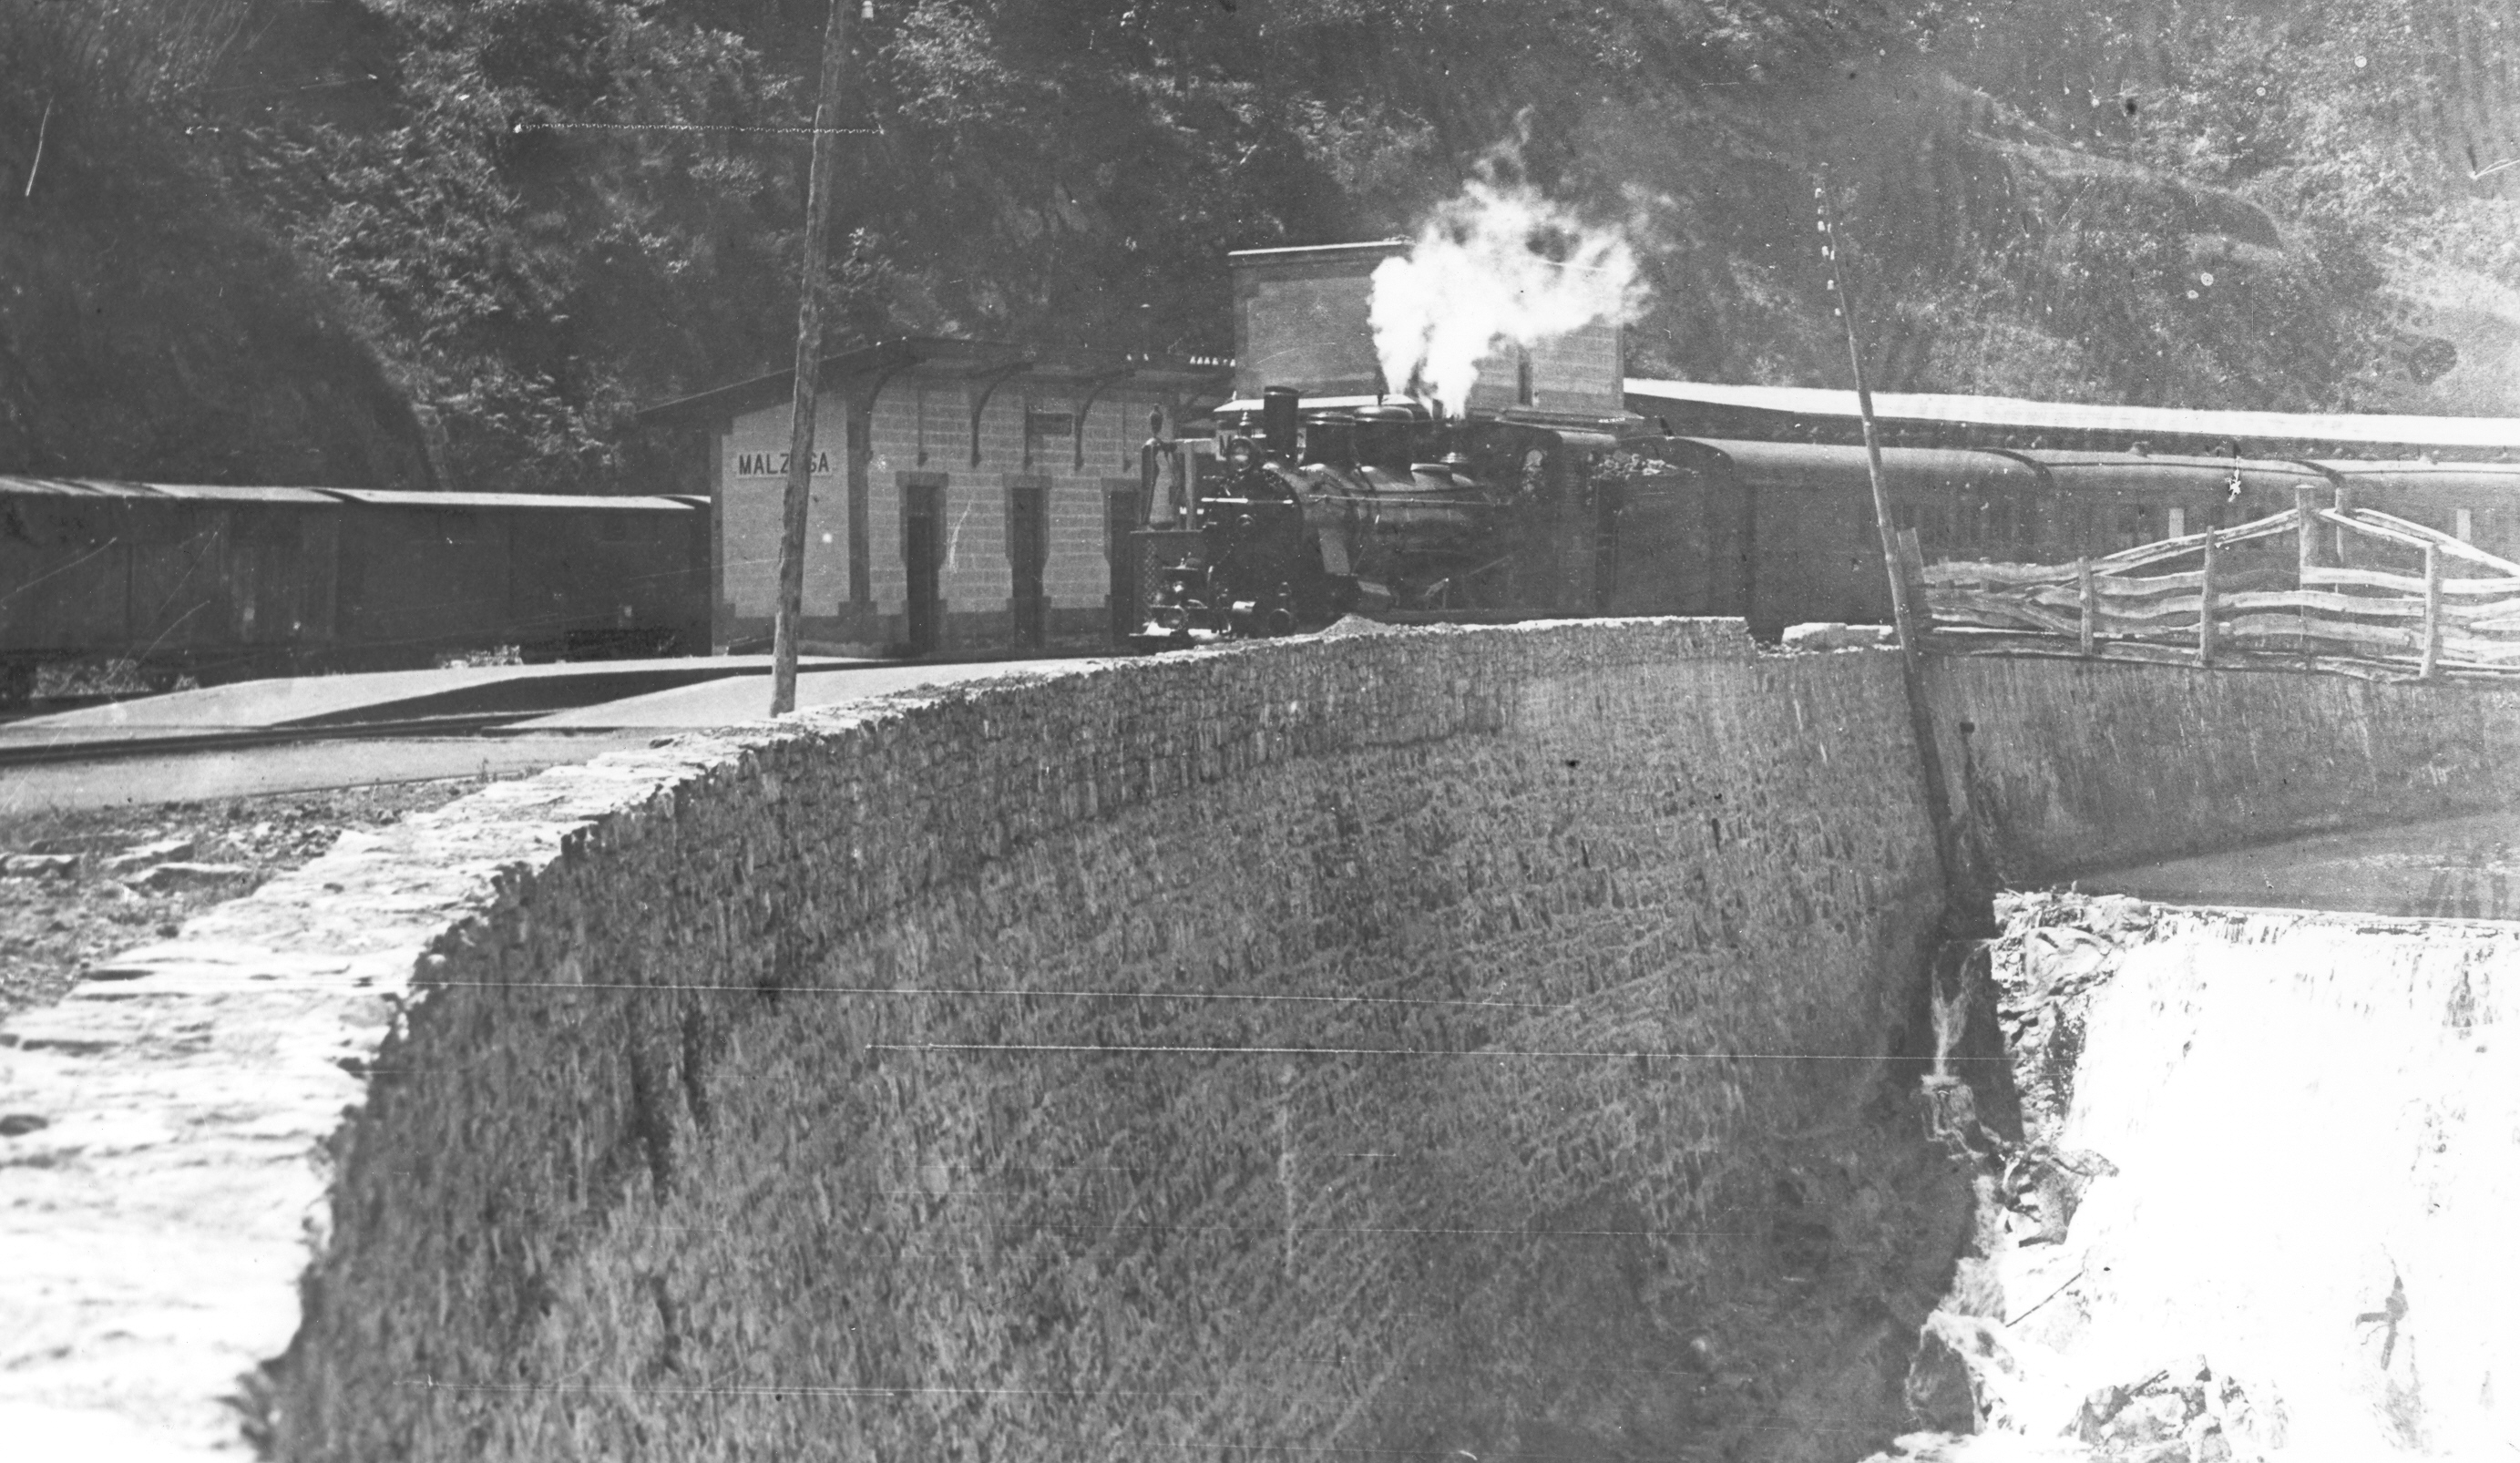 Eibarko tren geltokia (4)